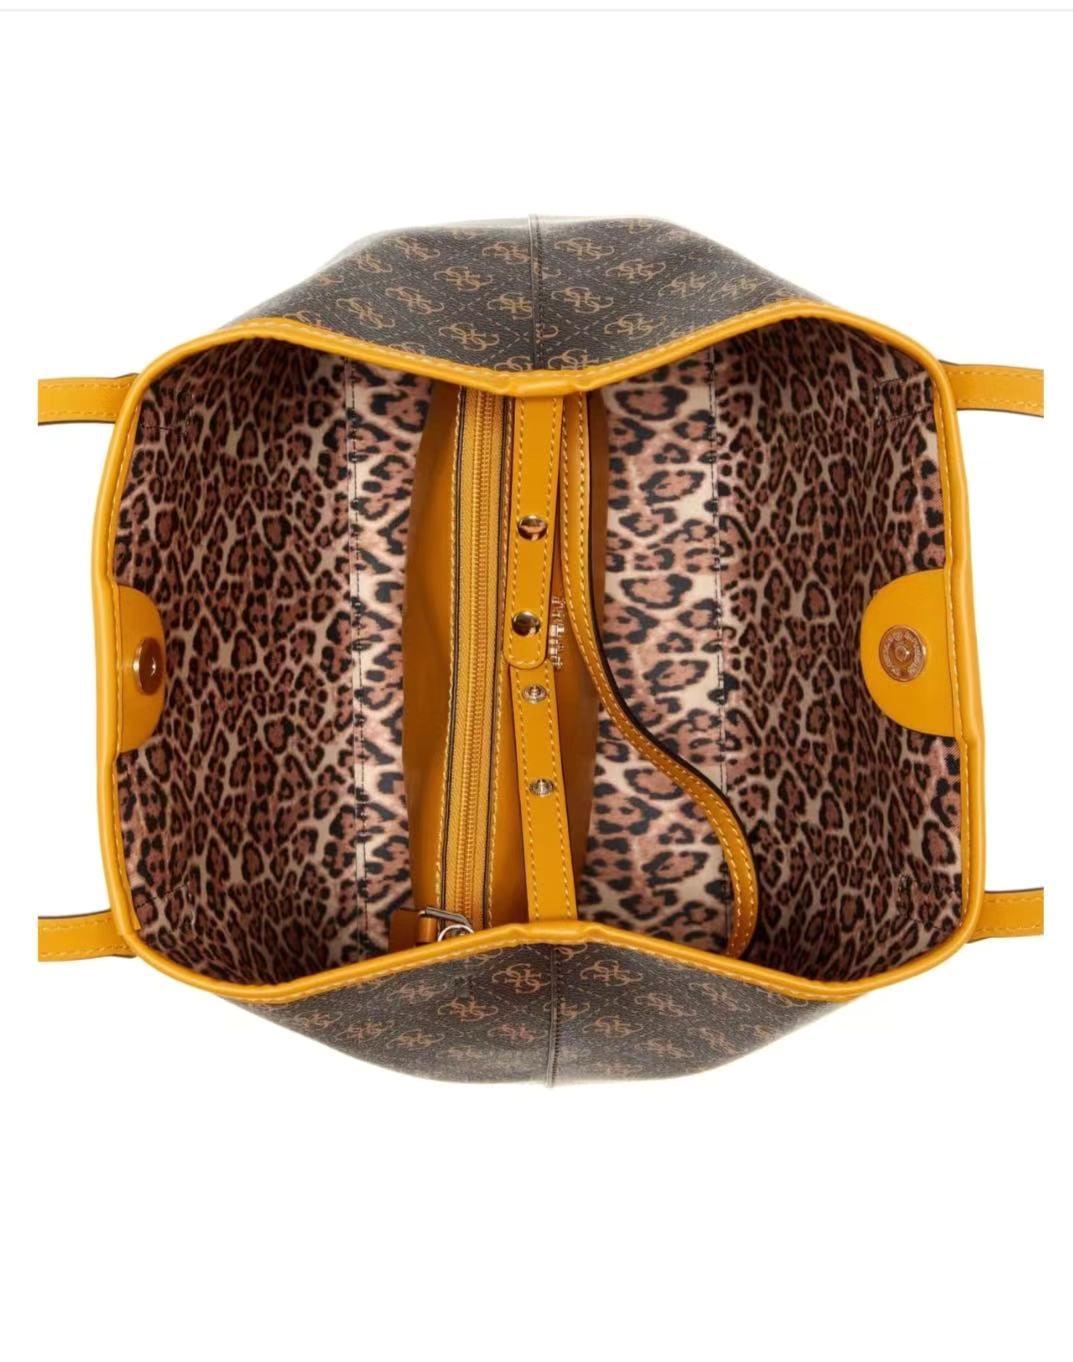 سعة كبيرة السيدات حقيبة المرأة حمل حقيبة الرجعية حقيبة كتف كبيرة الكتف الأوروبية والأمريكية نمط حقيبة كتف الموضة